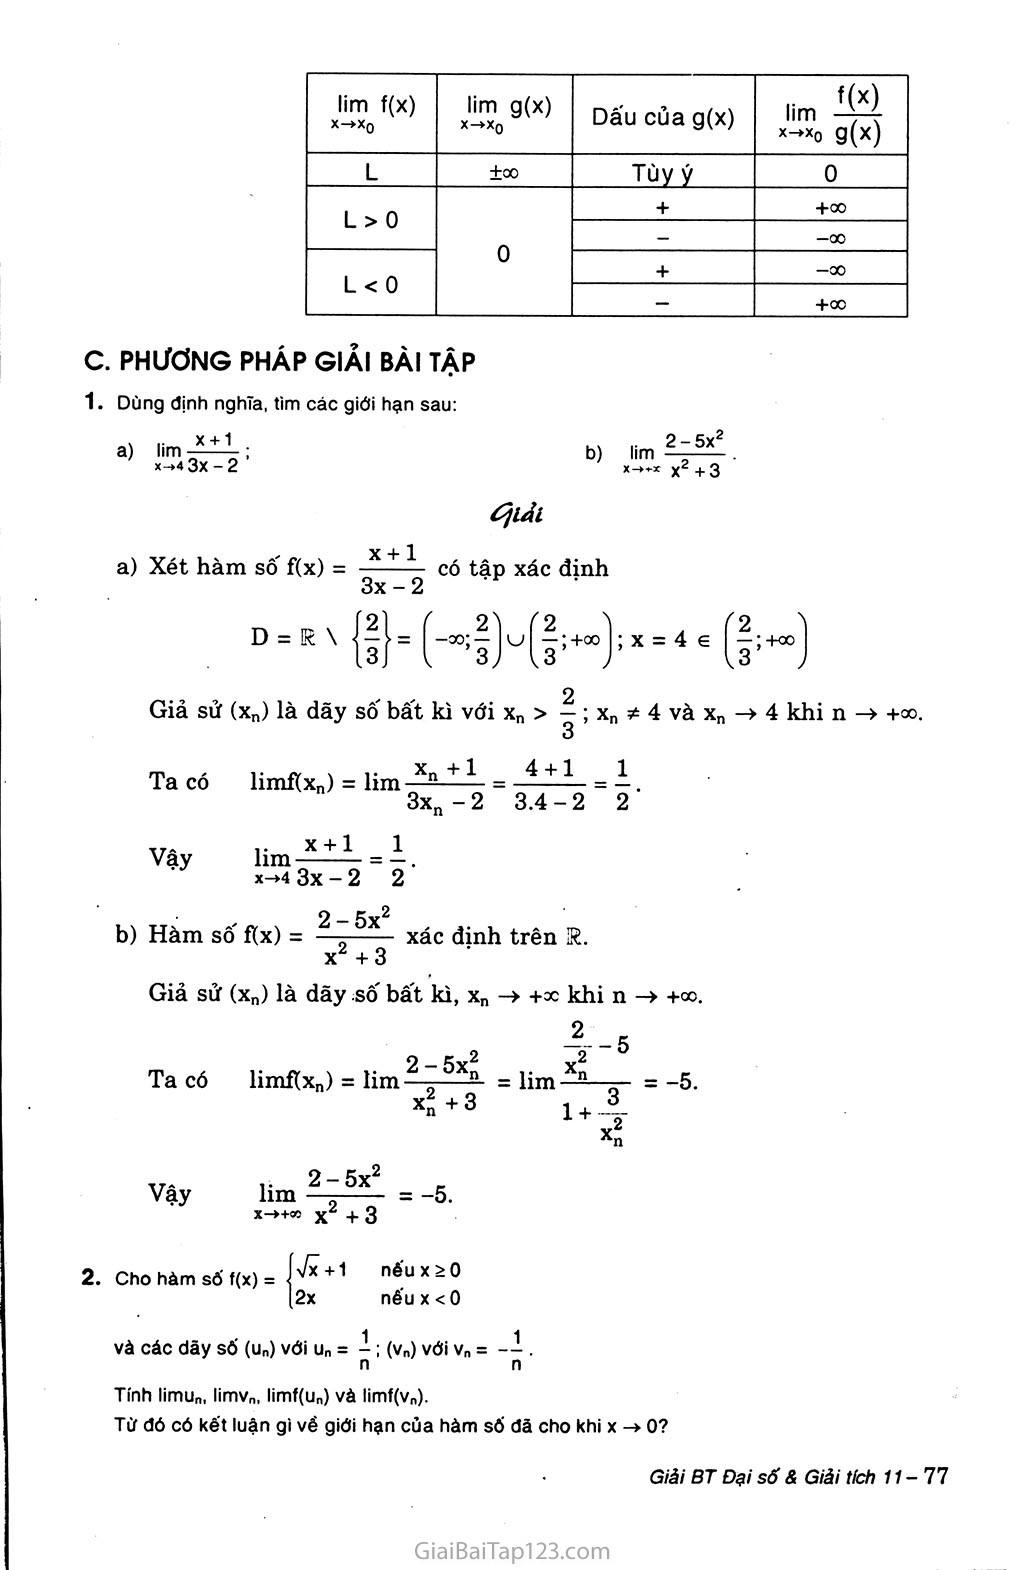 Bài 2. Giới hạn của hàm số trang 3